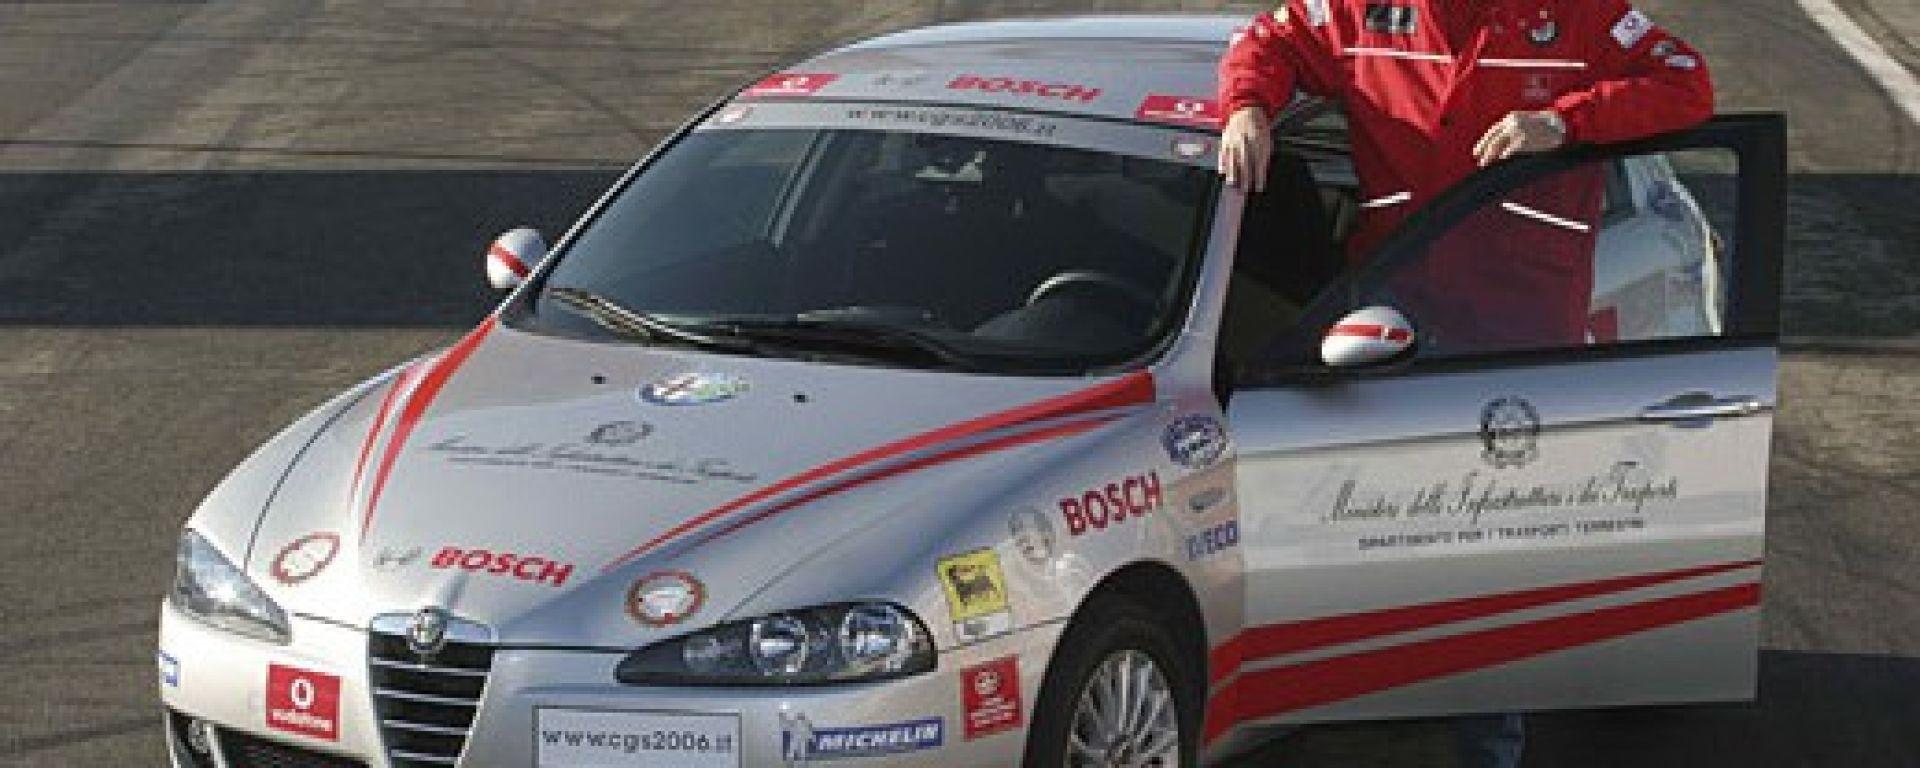 Campionato Italiano Guida Sicura